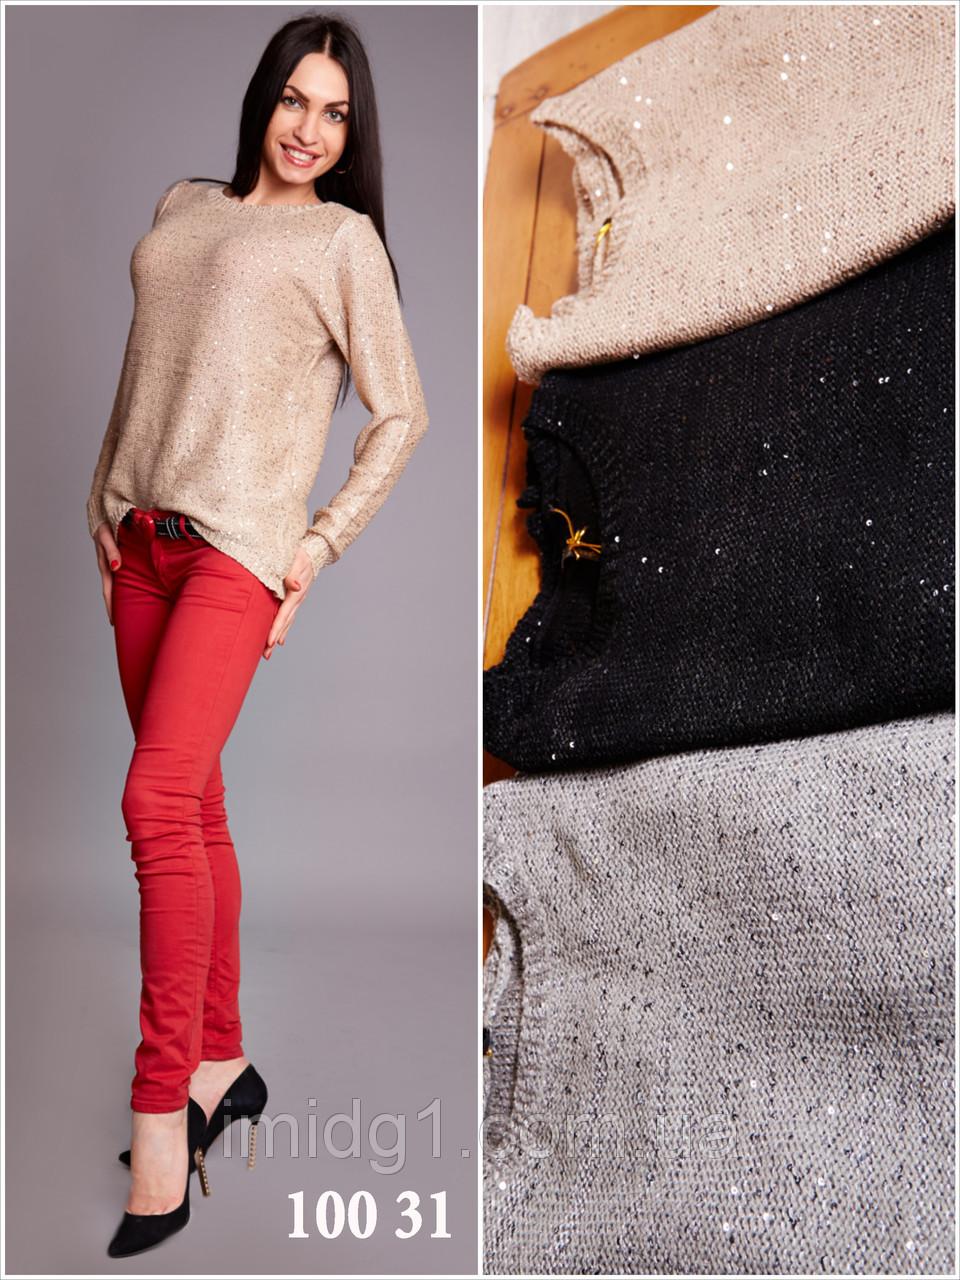 Молодежные кофты Украина - Фотогалерея стильной одежды - Купити ... d3a9b838d726d